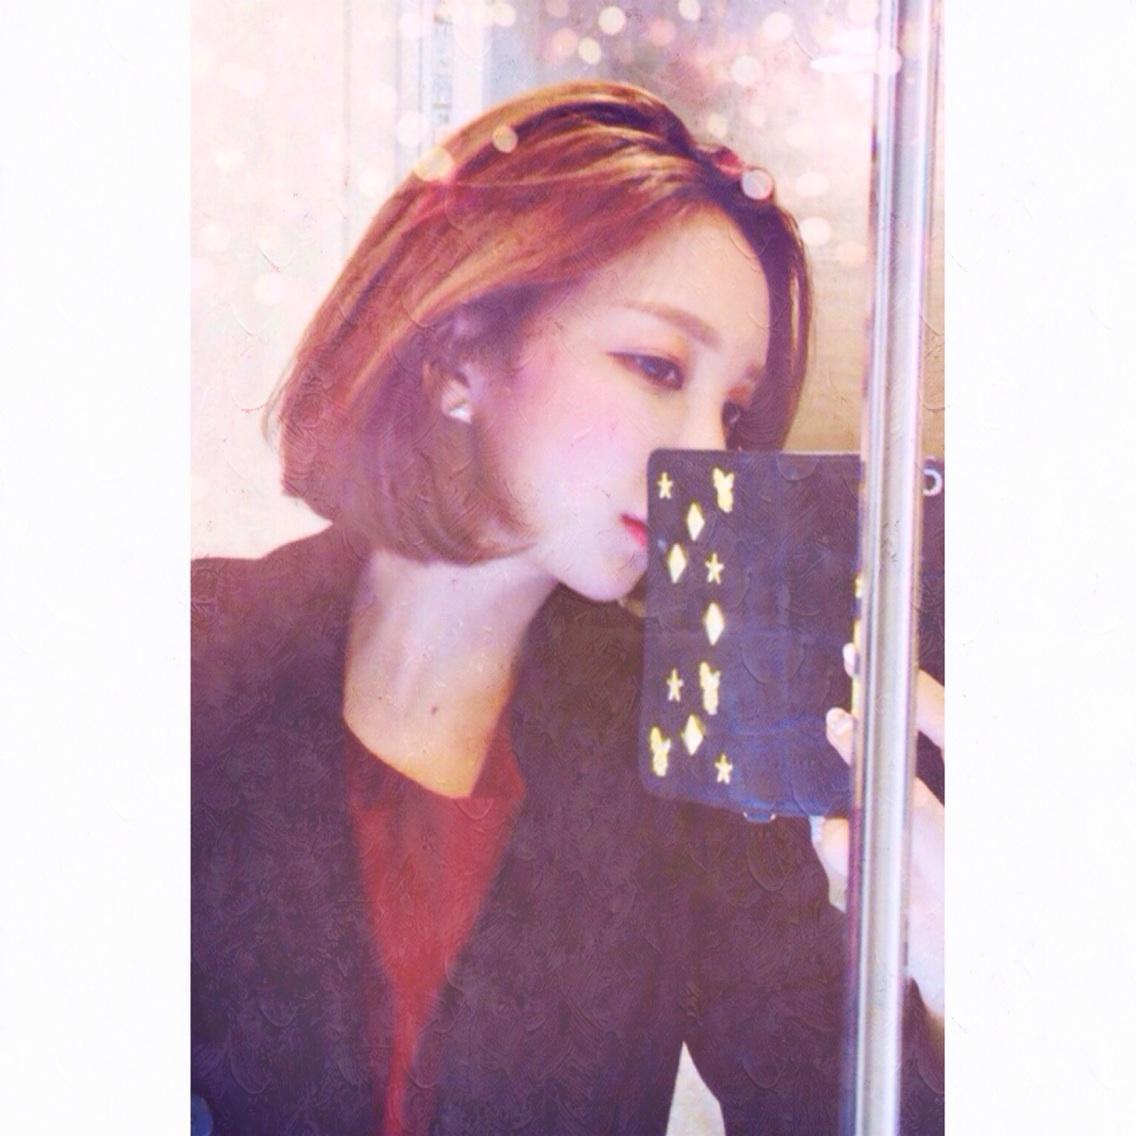 \u201c@kaori_0816 ショートヘアが予想以上に好評すぎてびっくりしてます。当分ショートでいきます。(笑) pic.twitter.com/Ub0MQJfDCu\u201d かわいい